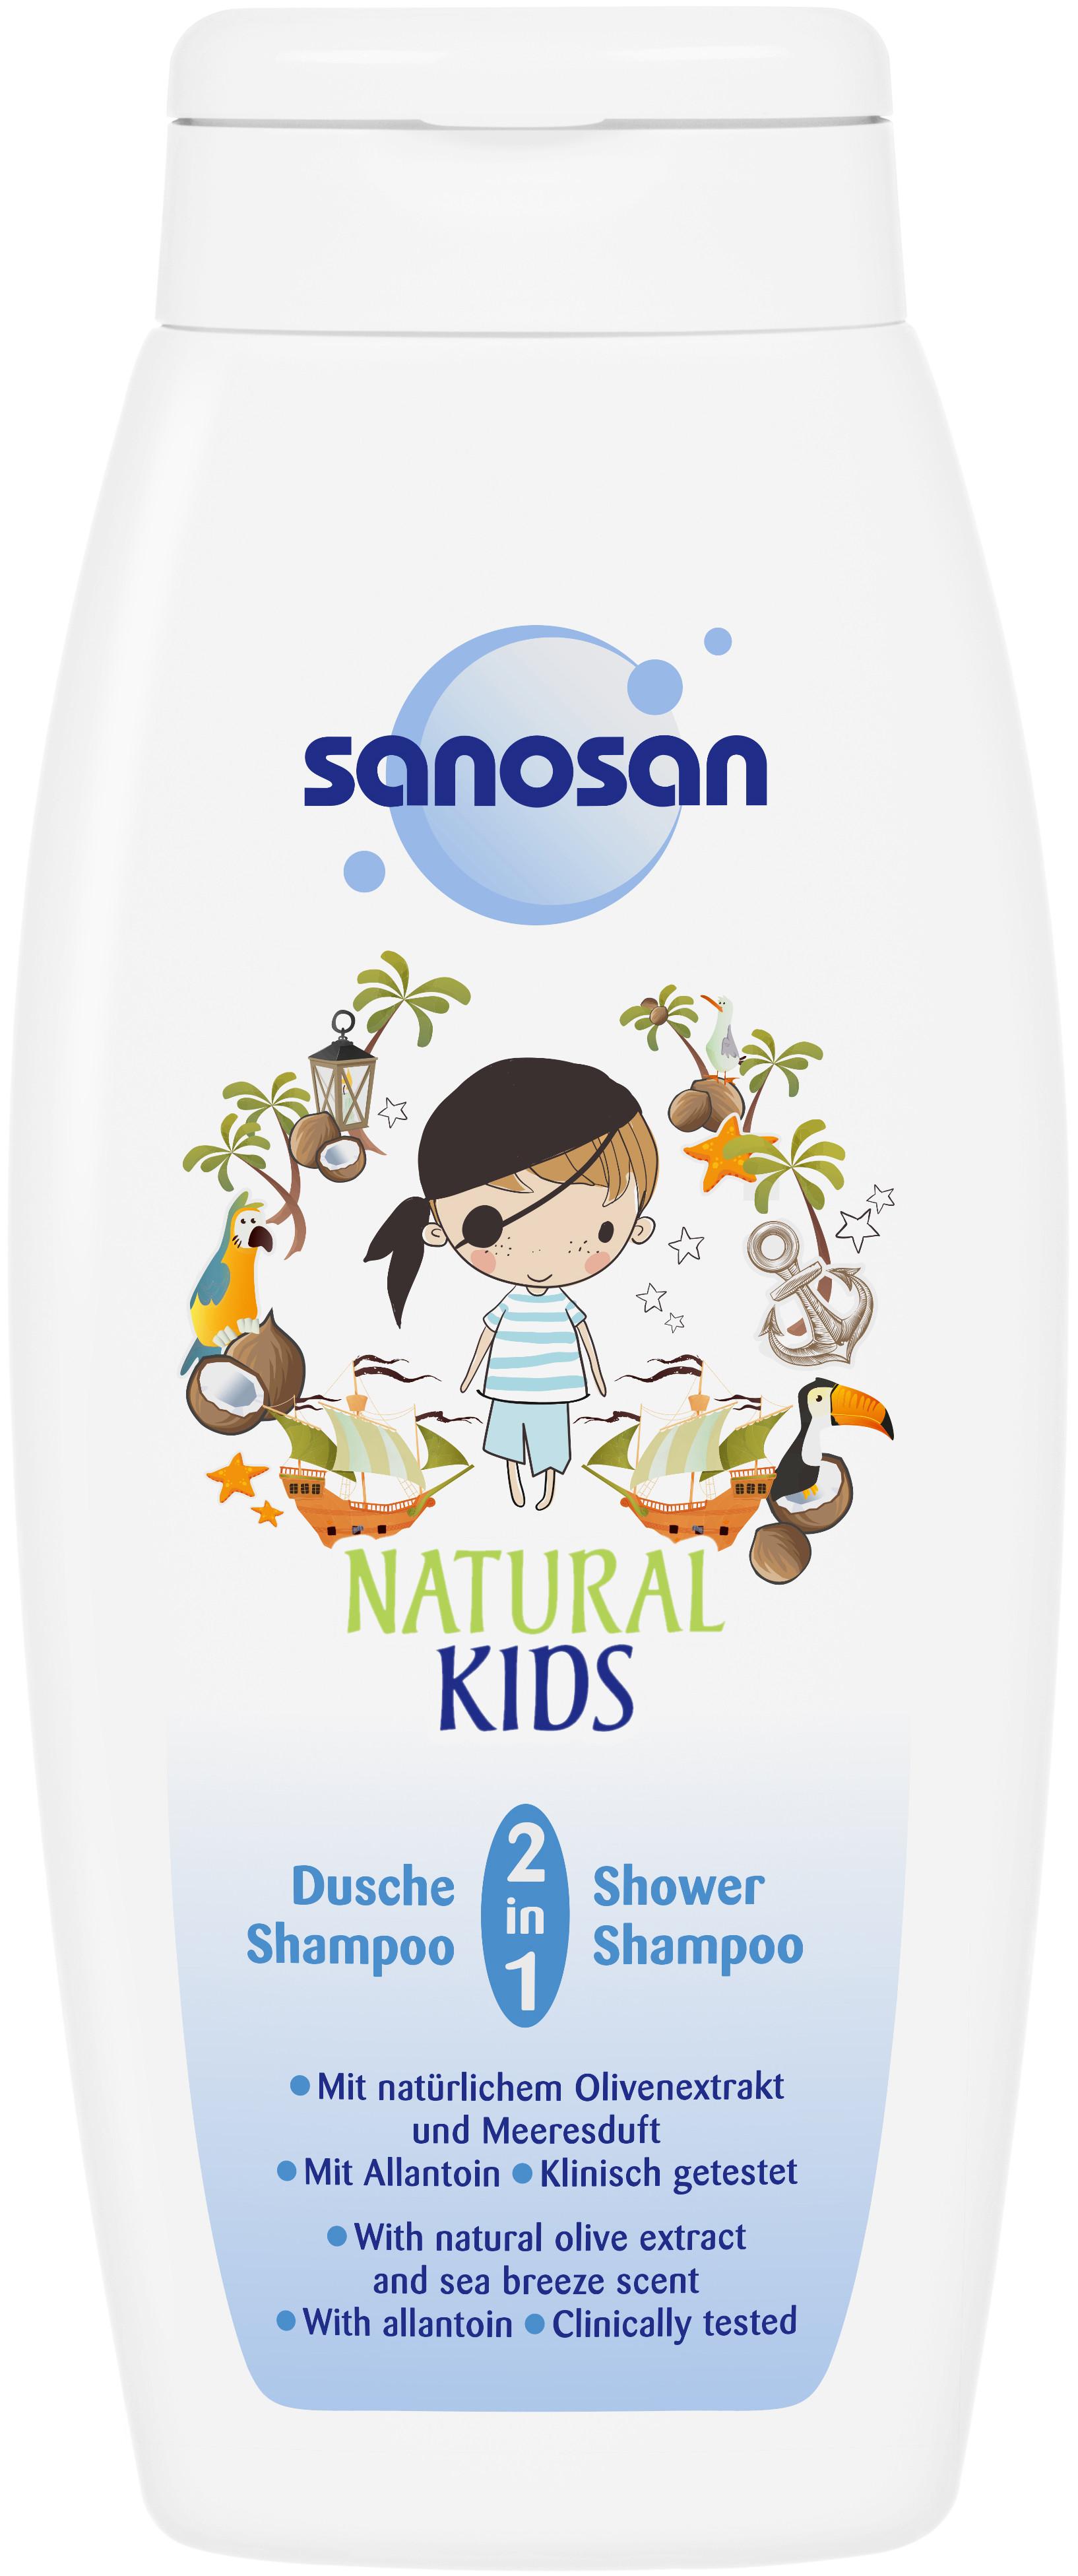 Шампуни и бальзамы Sanosan Средство 2 в 1 Sanosan гель для душа и шампунь для мальчиков 250 мл